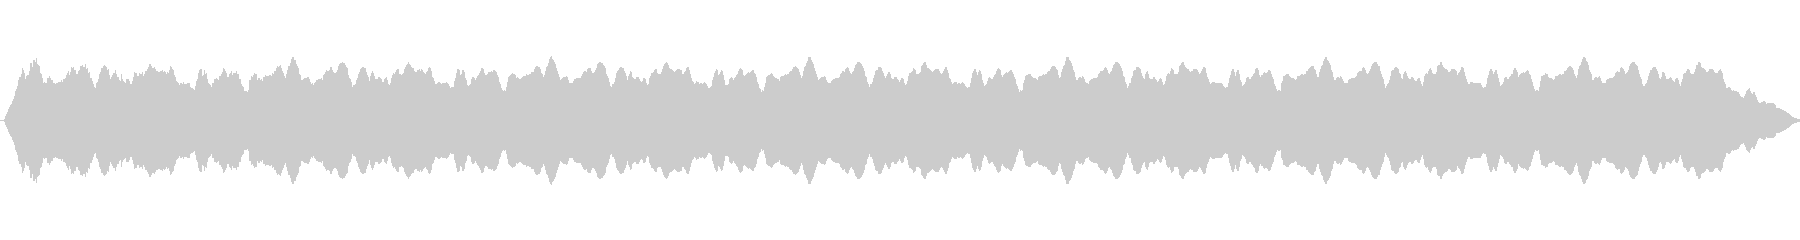 ドローンスロッビングパルス。うめき...の未再生の波形